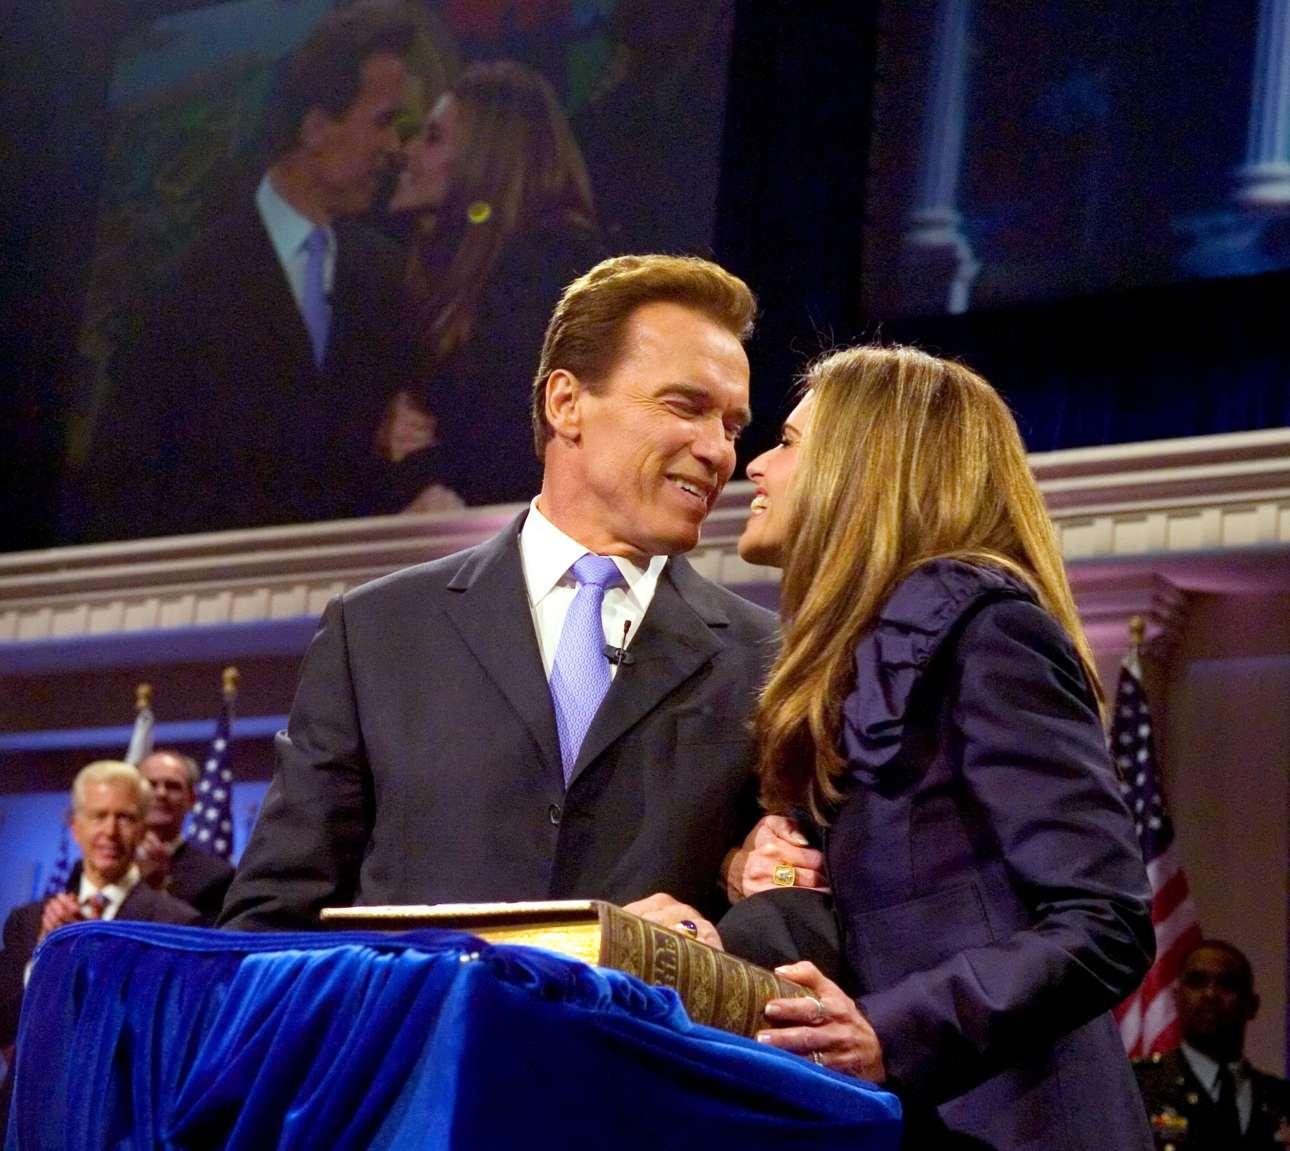 Δεκέμβριος 2007. Ο Αρνολντ Σβαρτσενέγκερ επανεκλέγεται κυβερνήτης της πιο μεγάλης πολιτείας των ΗΠΑ. Θυμίζει σενάριο ταινίας, αλλά είναι πραγματικότητα